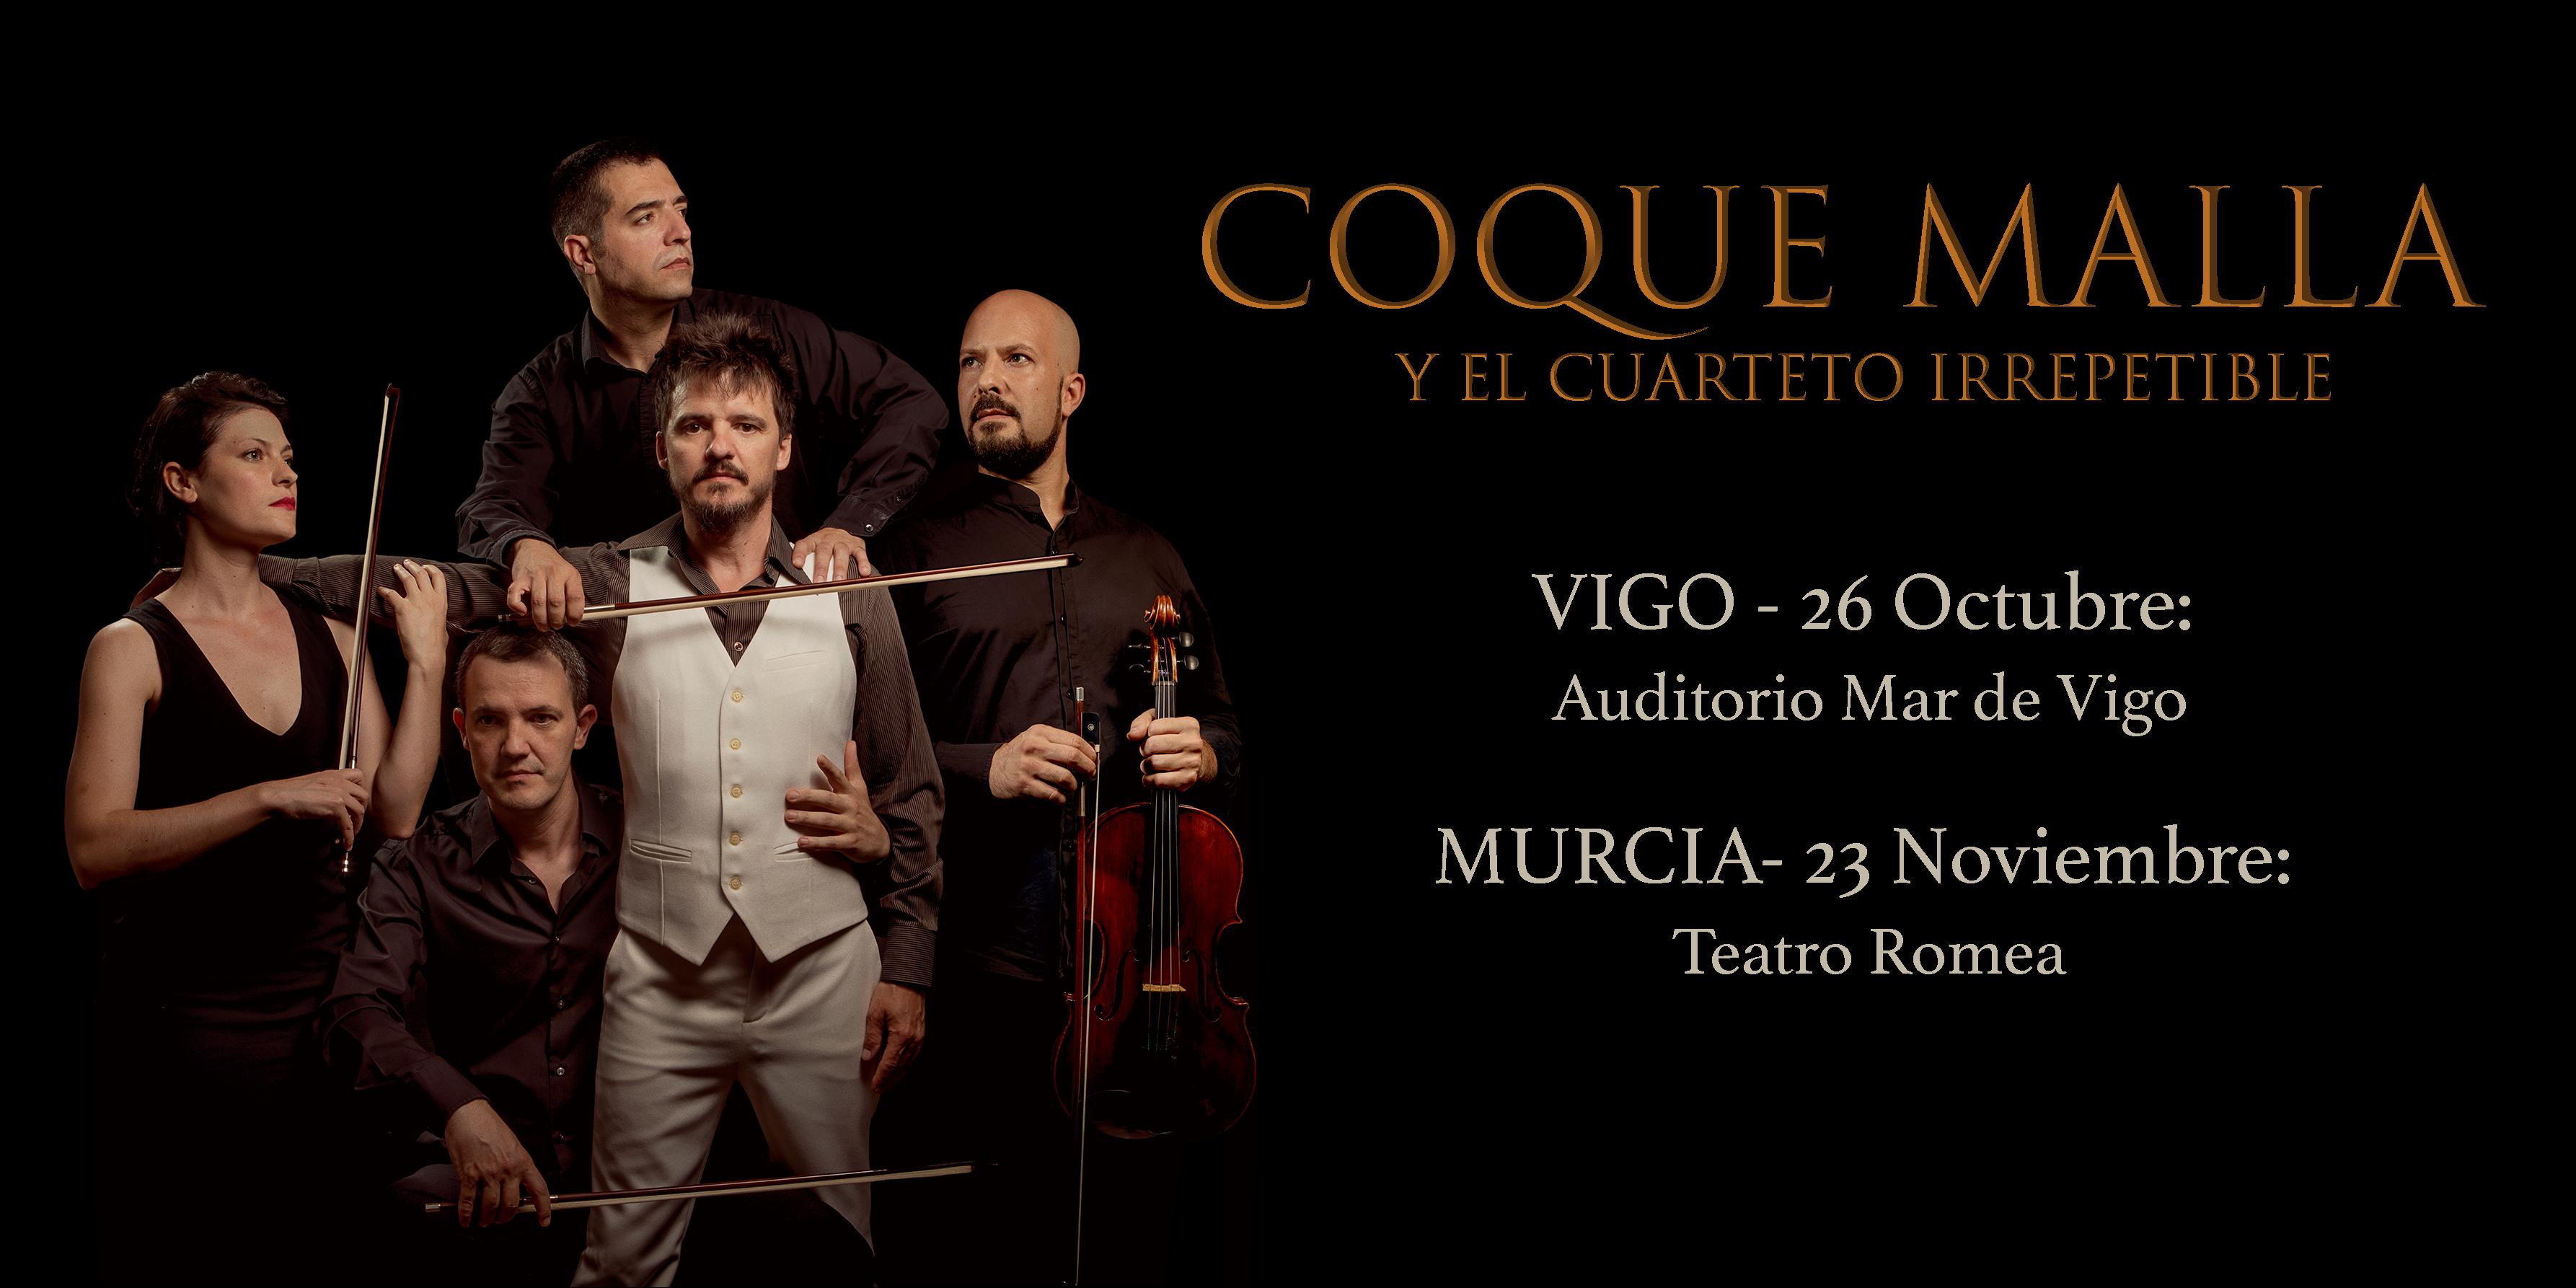 Coque Malla y El Cuarteto Irrepetible